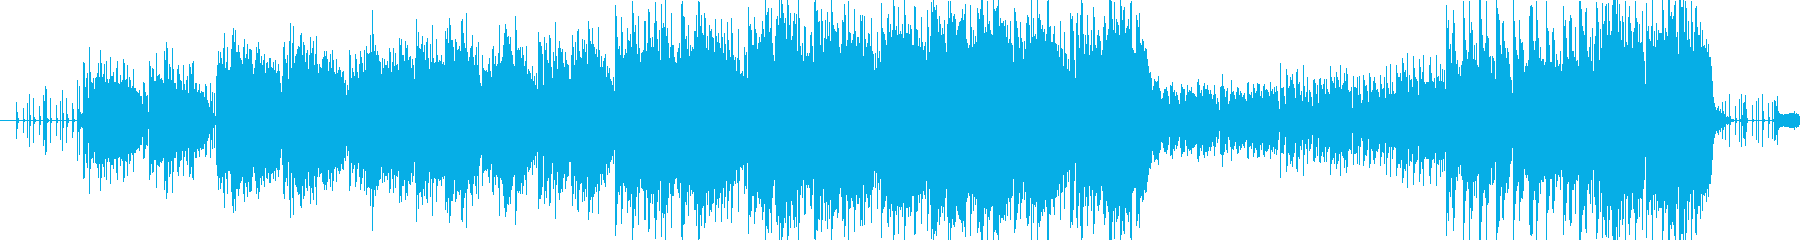 夢をのせ宇宙に向かって飛び立ったシャト…の再生済みの波形